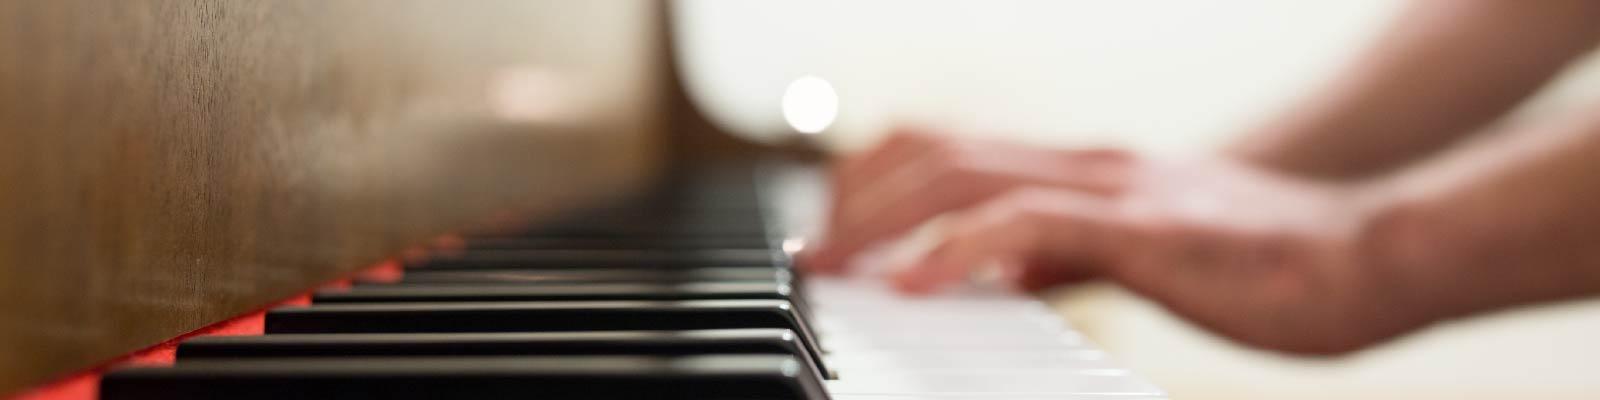 Live muziek door een zanger pianist